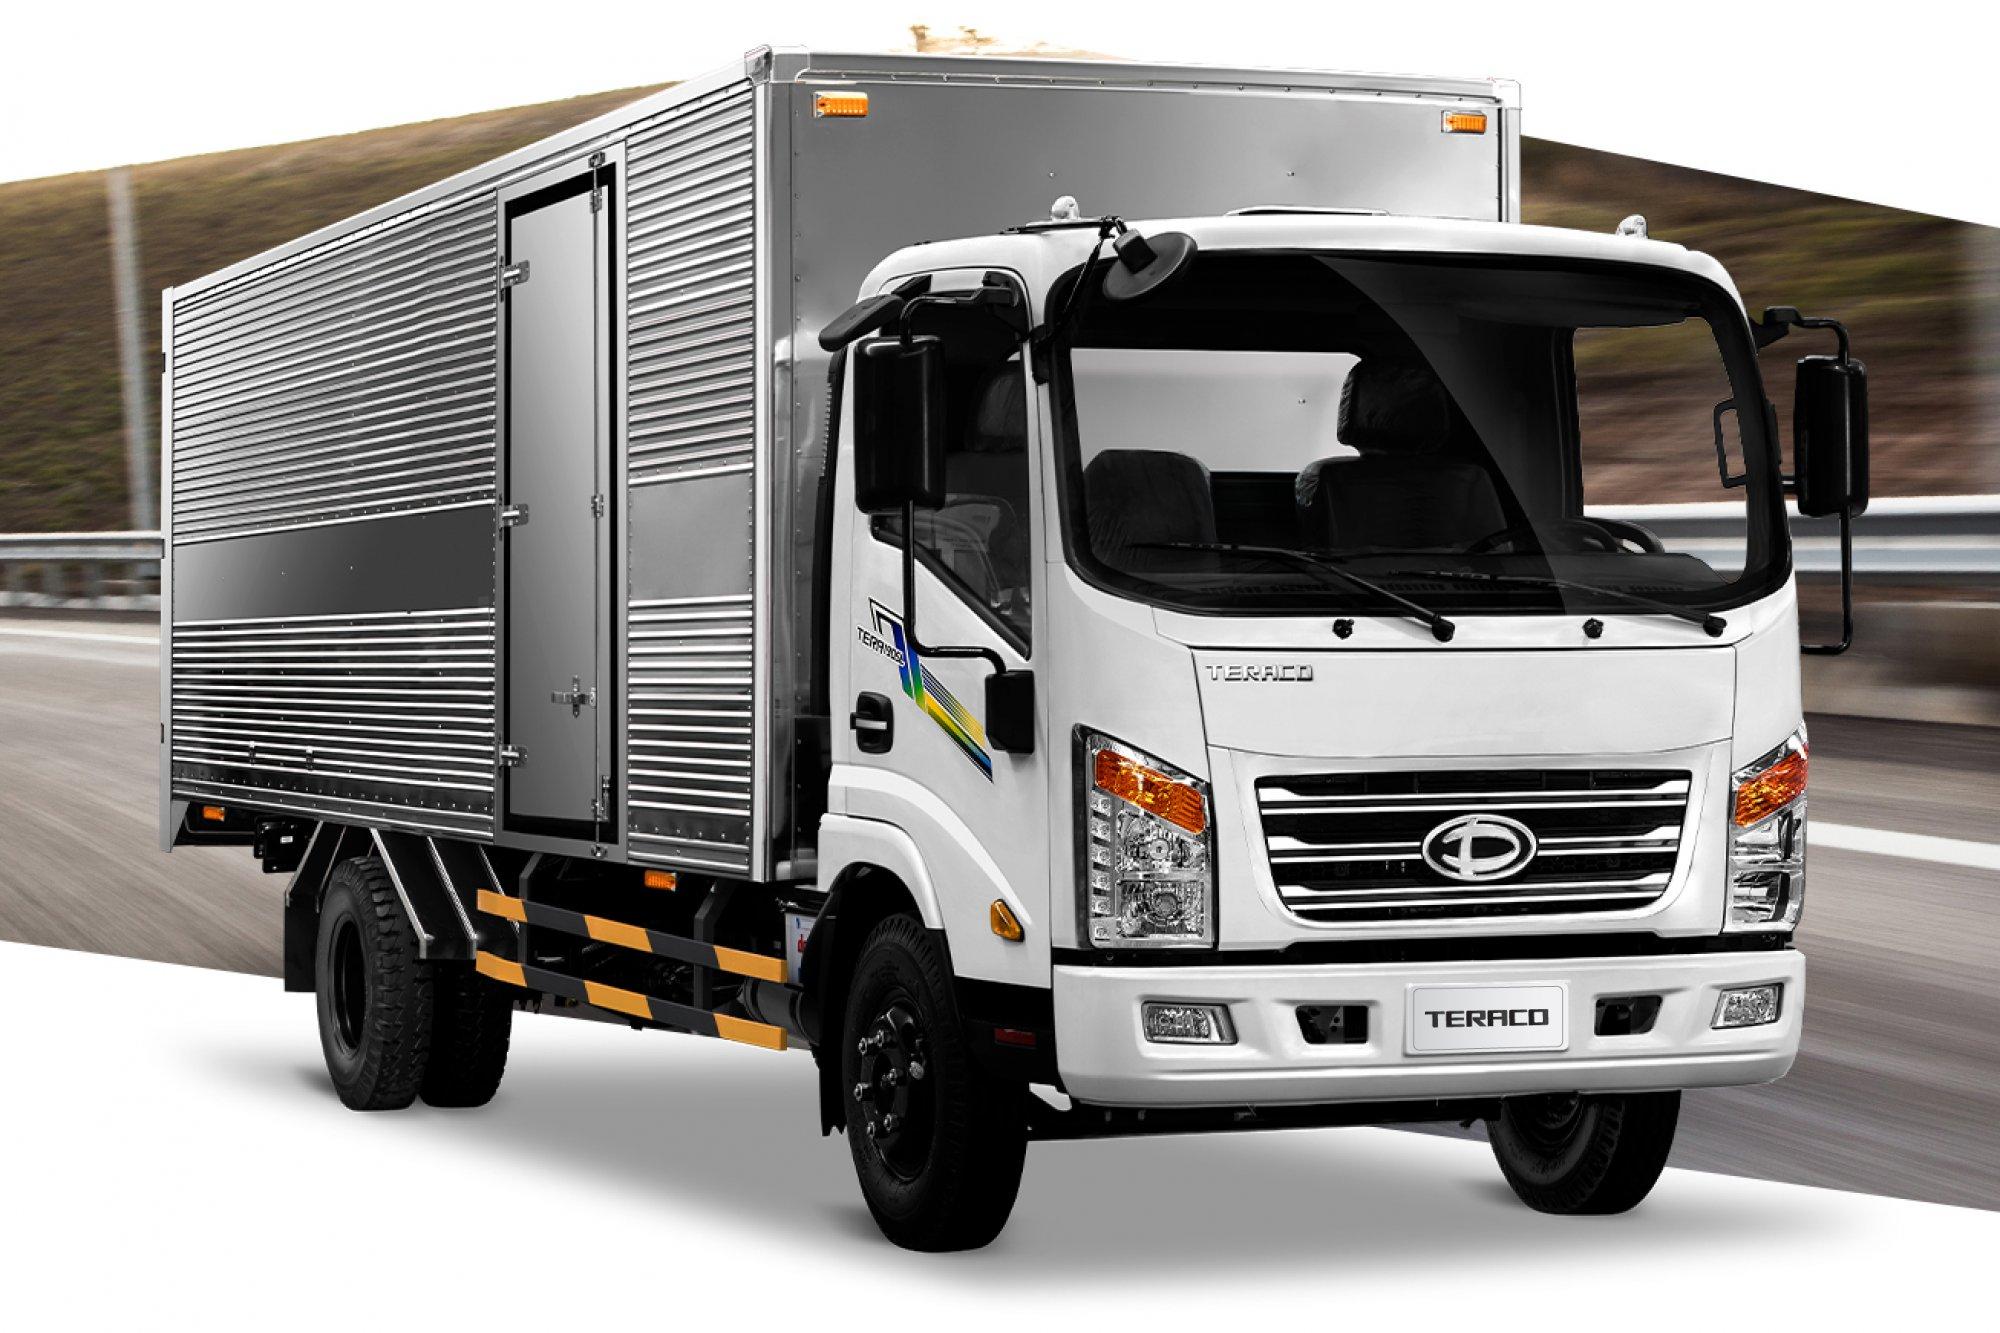 Daehan Motors ra mắt bộ đôi tân binh - Tera190SL và Tera345SL